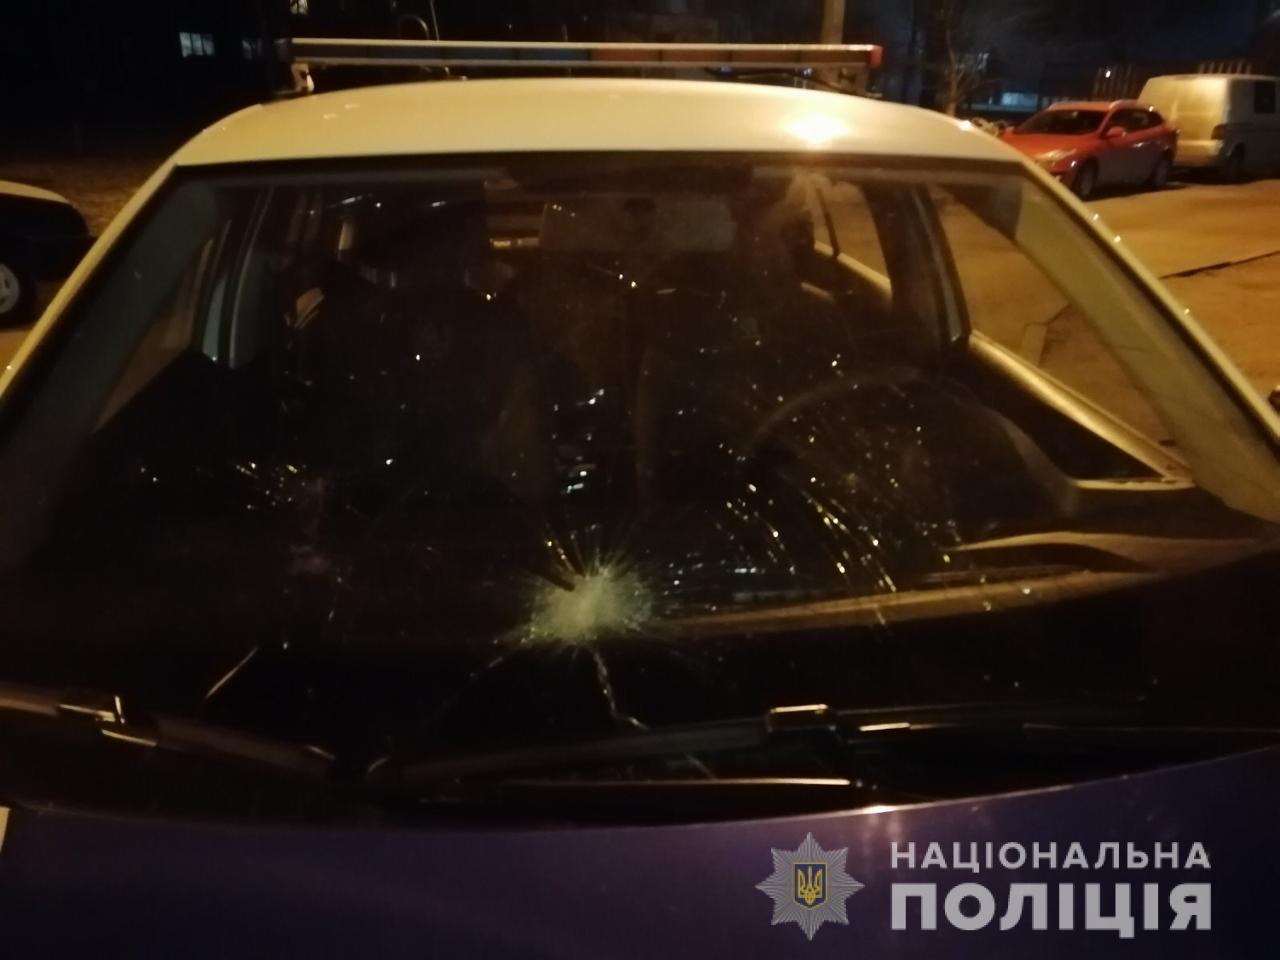 У Білій Церкві хуліган розбив скло патрульного авто -  - WhatsApp Image 2020 01 08 at 09.48.13